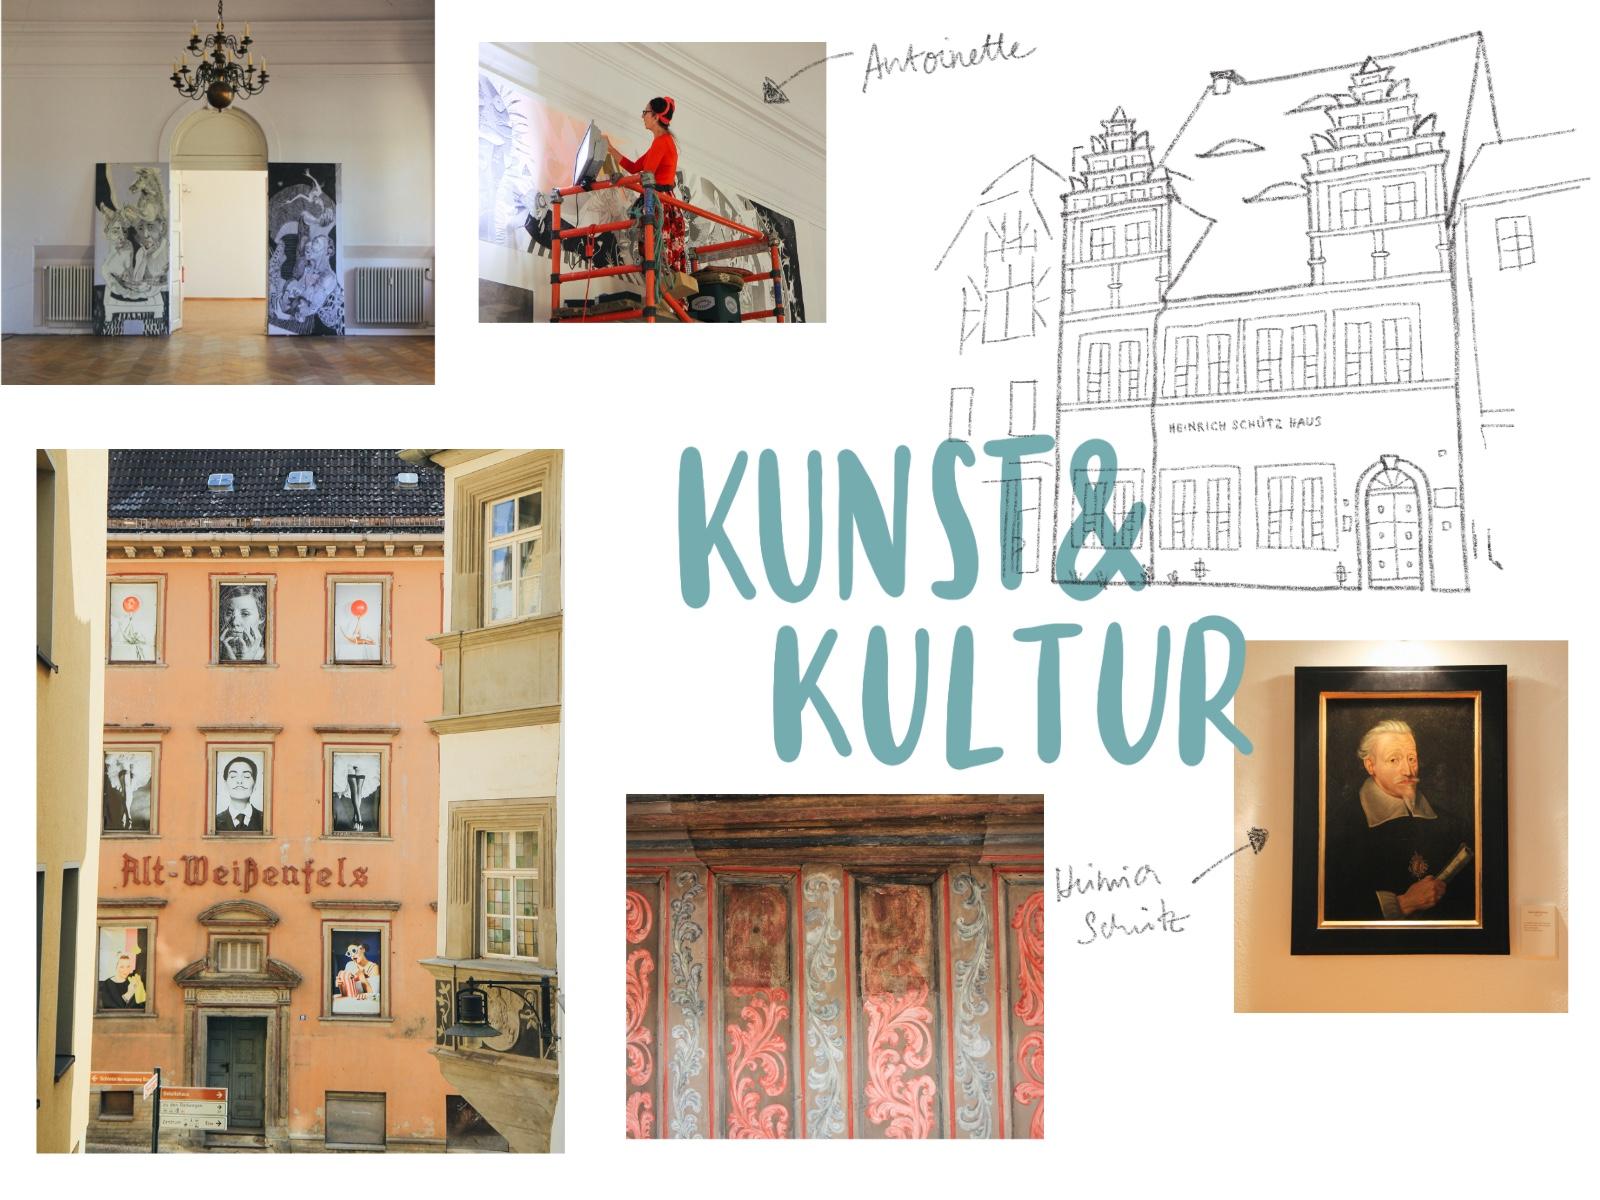 Kunst & Kultur in Saale-Unstrut Weltkulturerbe UNESCO Heinrich Schütz